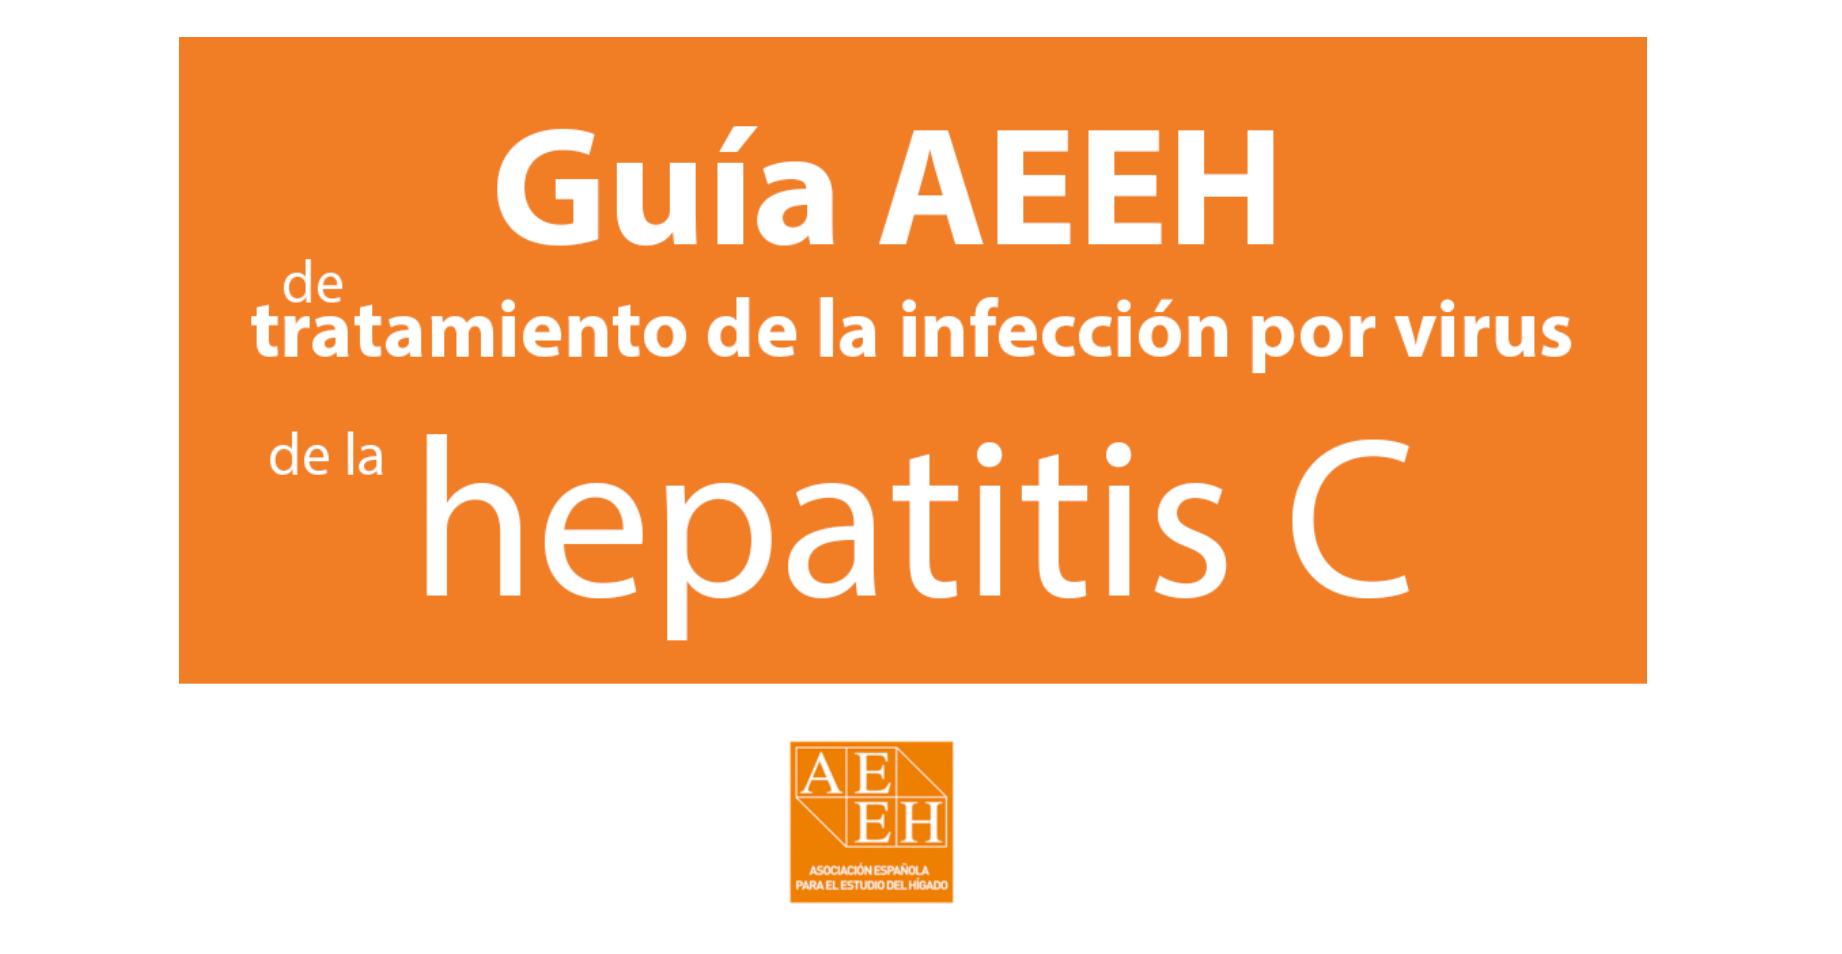 Guía AEEH de tratamiento de la infección por virus de la hepatitis C